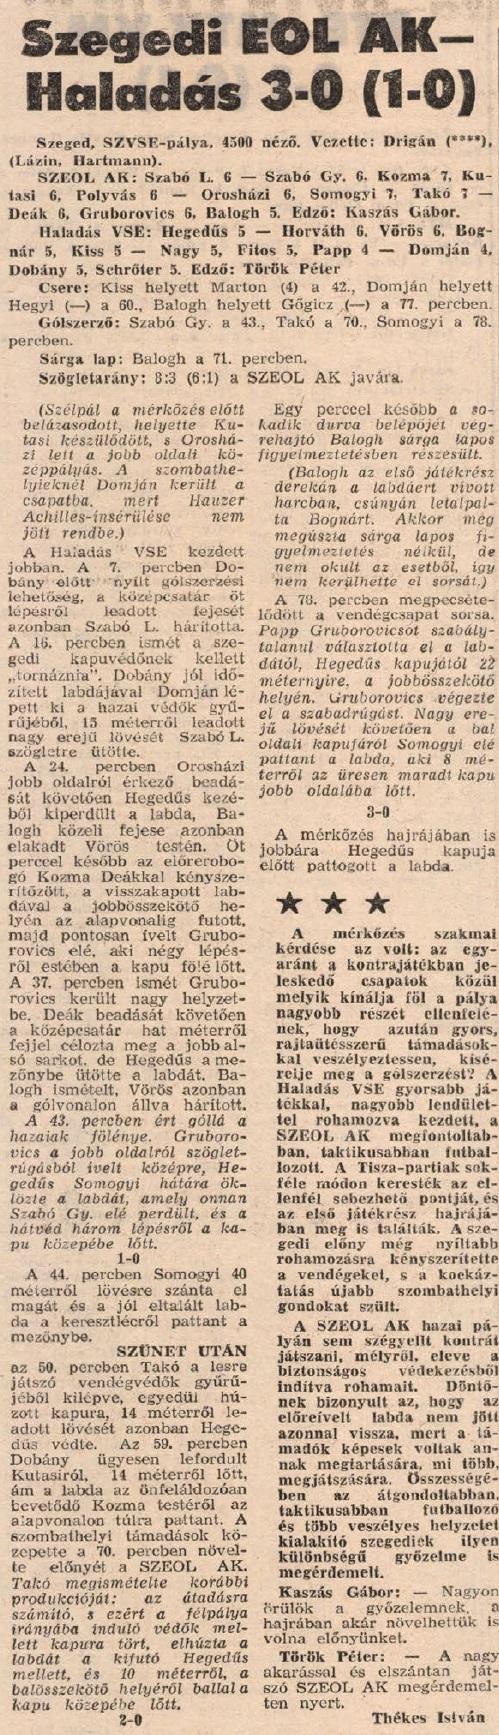 idokapszula_nb_i_1983_84_15_fordulo_szeol_ak_haladas.jpg